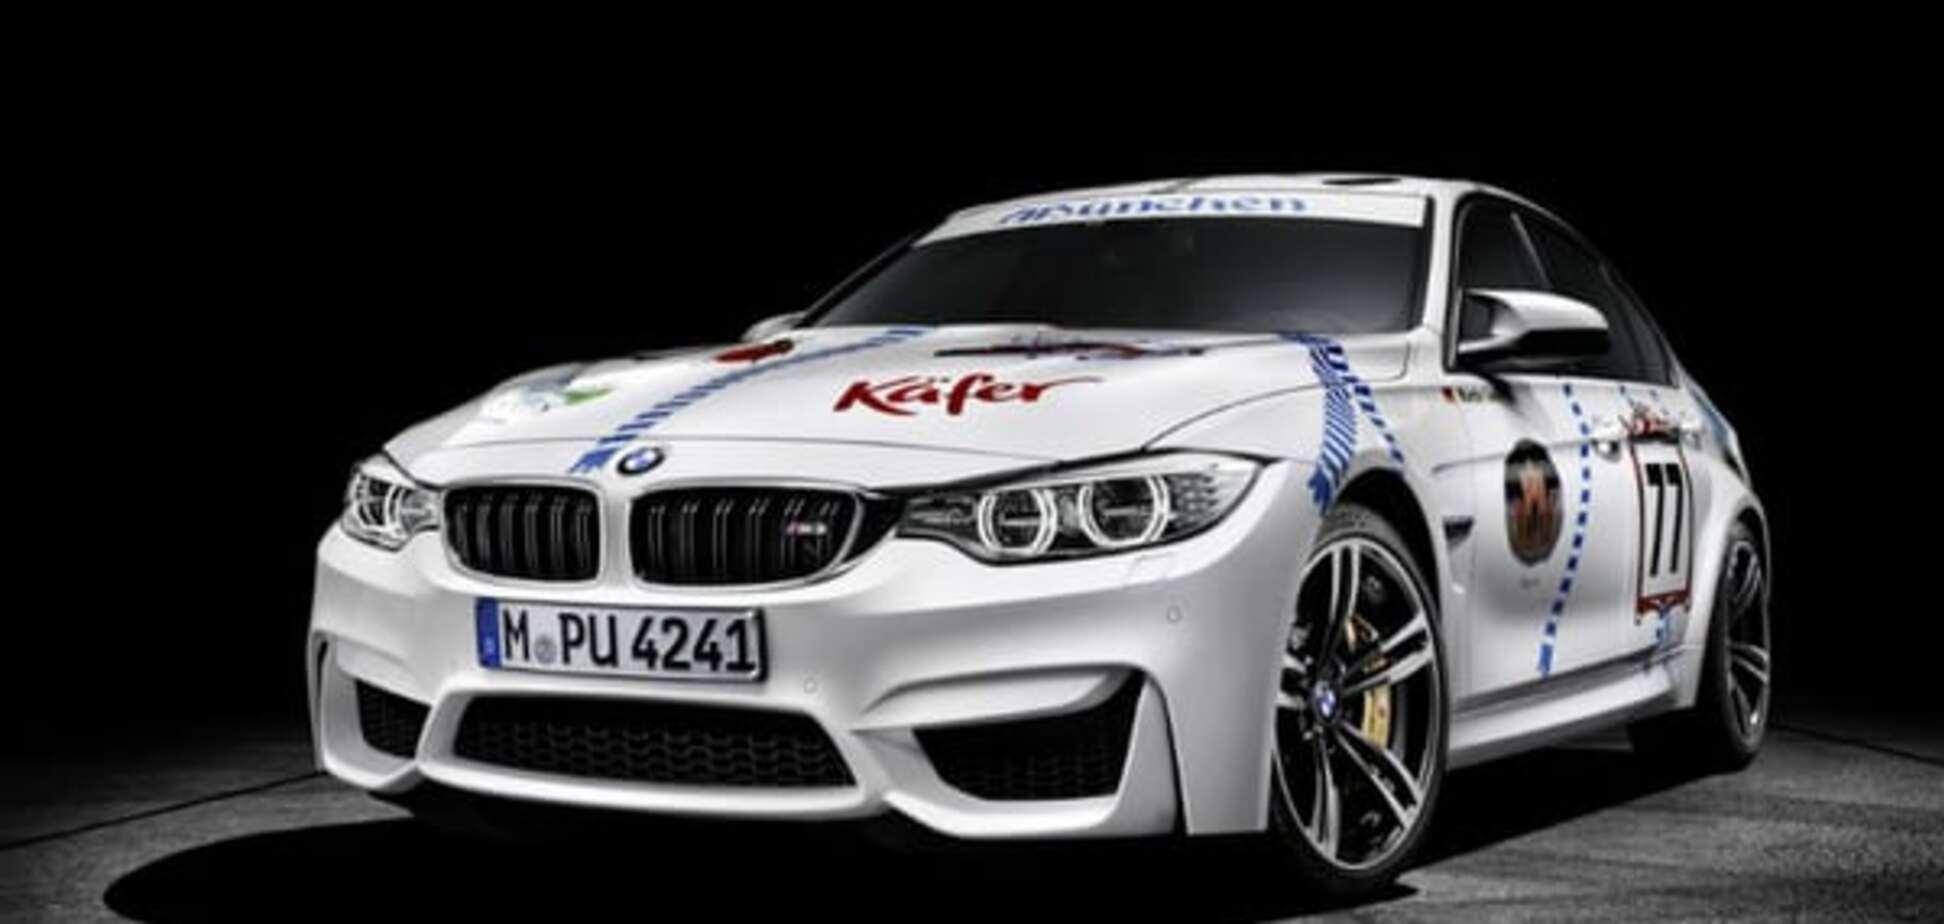 BMW презентувала 'пивний' автомобіль під Октоберфест